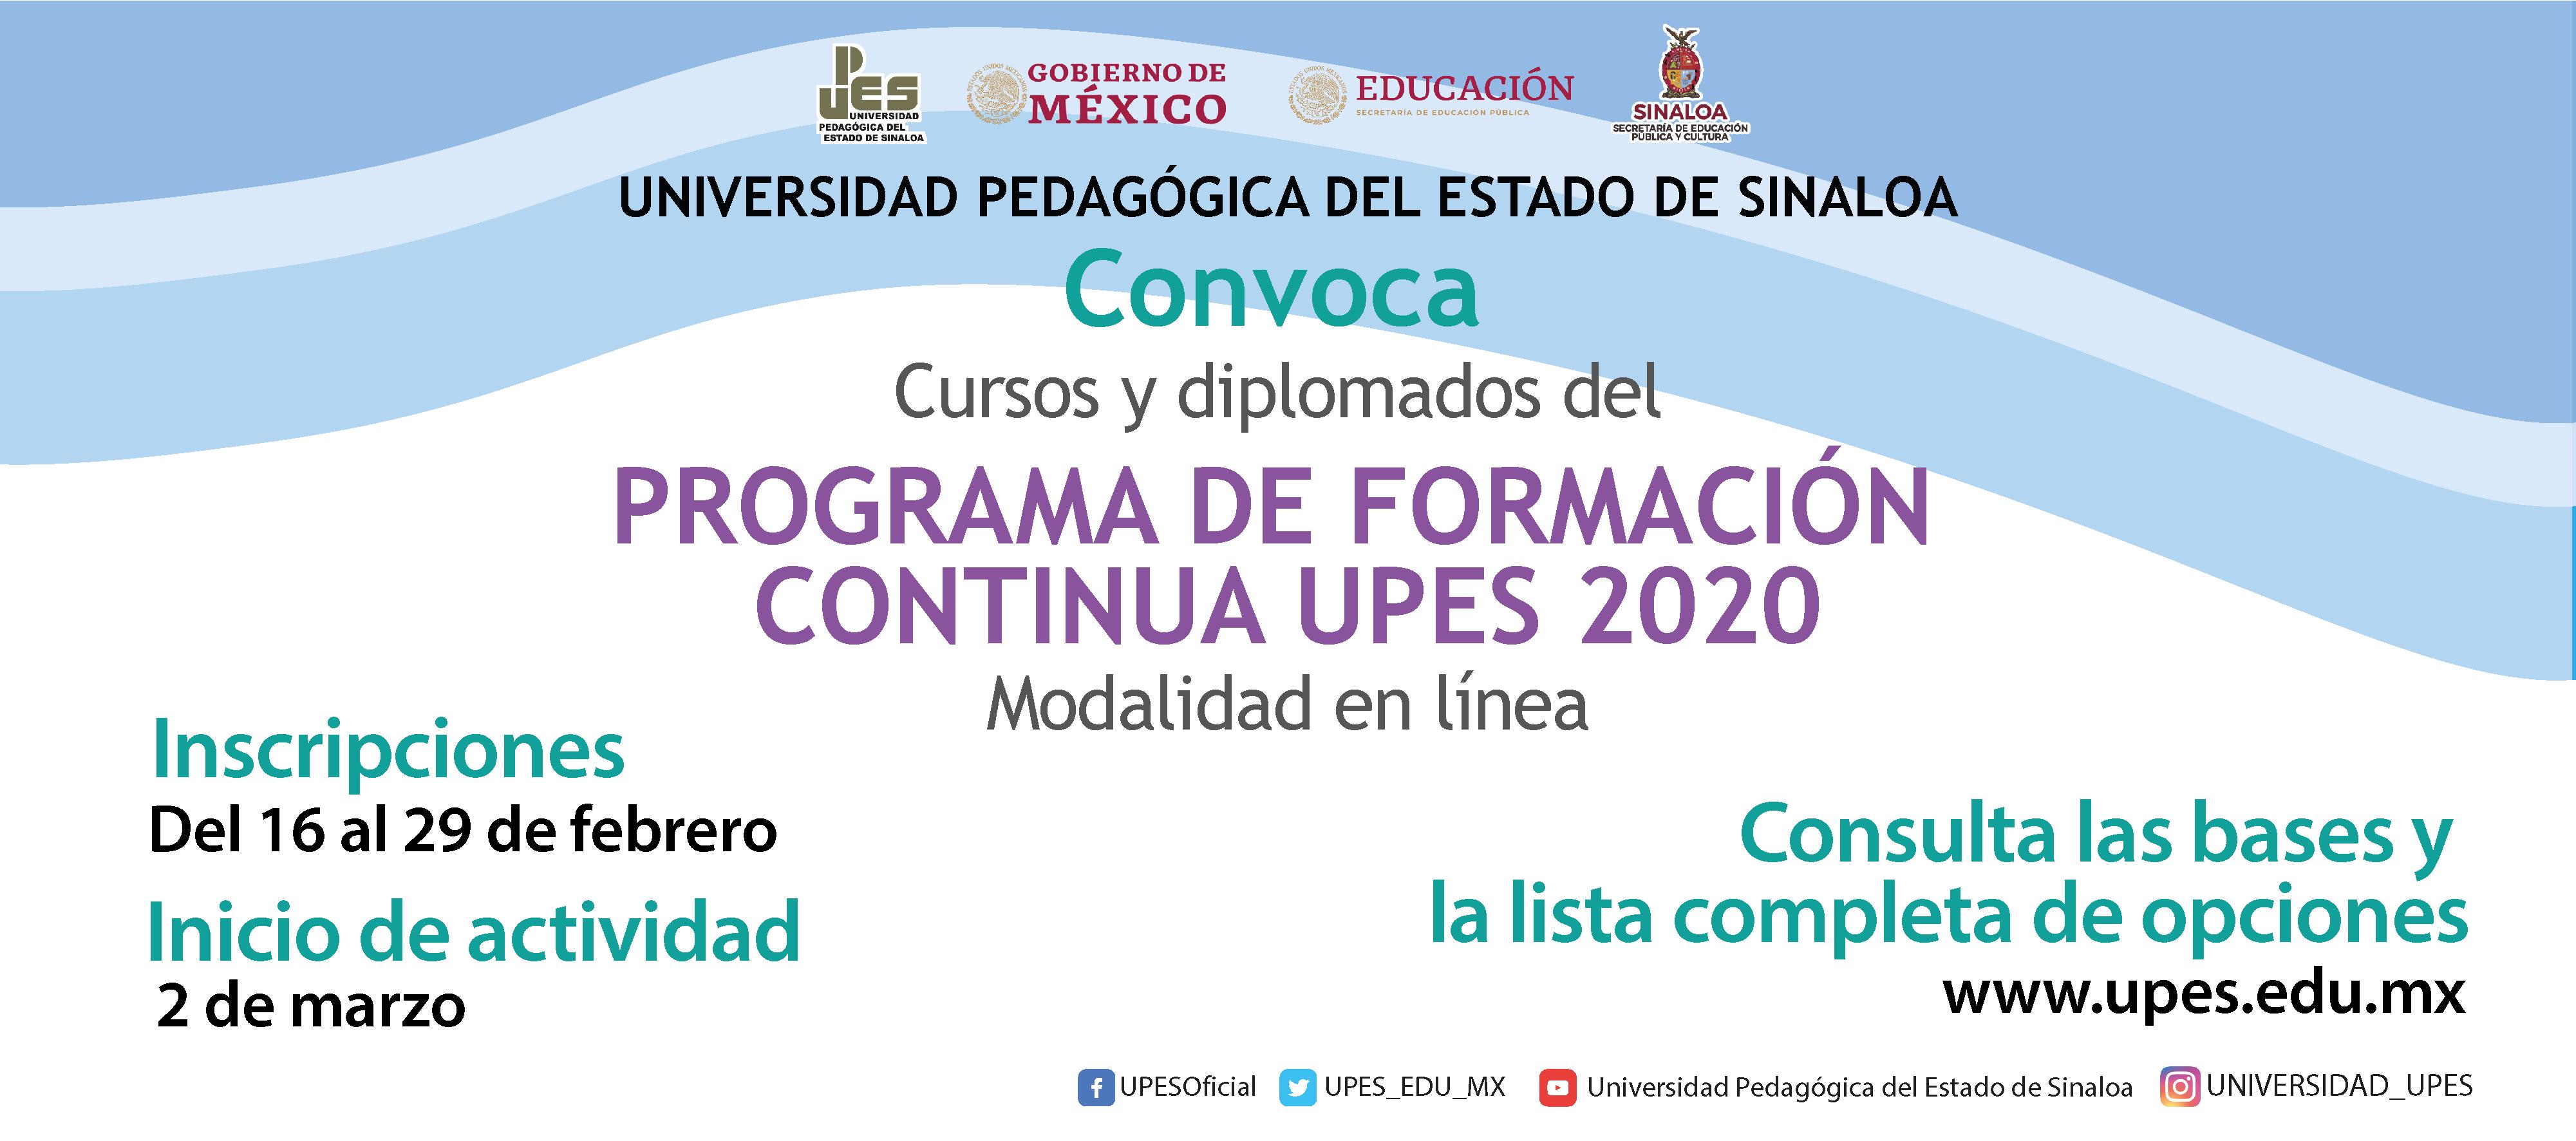 convocatoria-programas-de-formacion-continua-UPES-2020-SLIDER